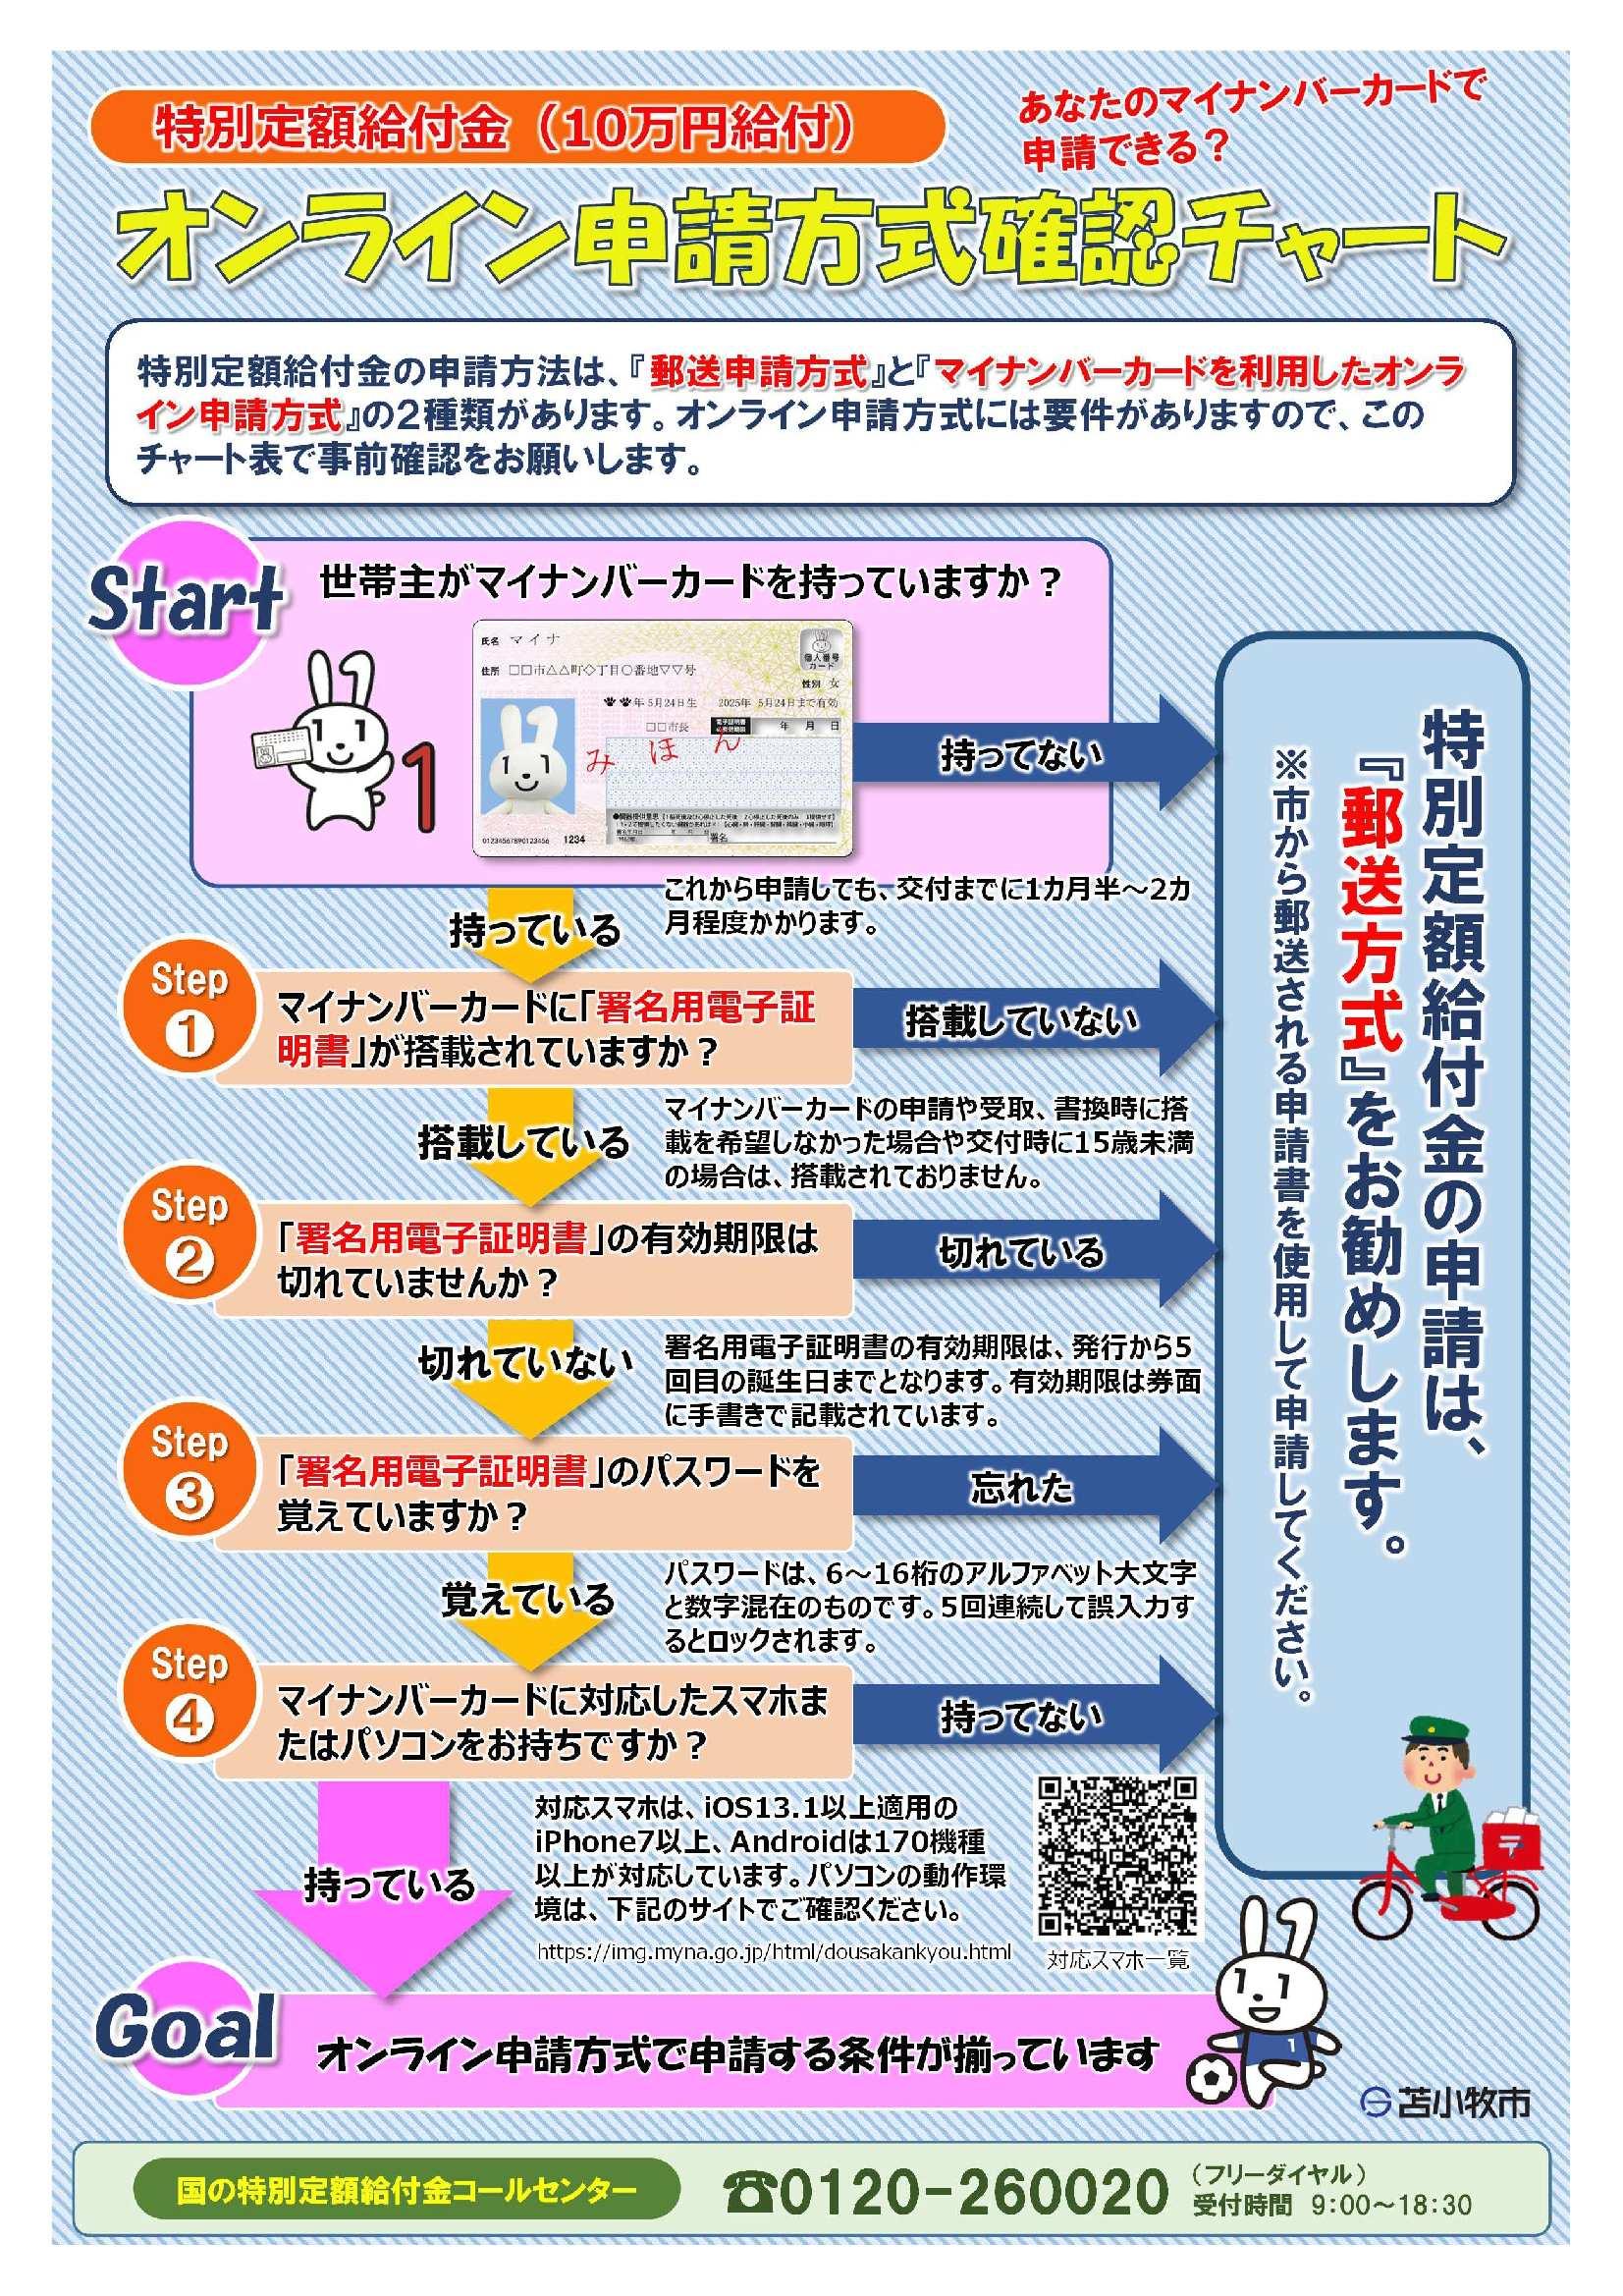 定額 給付 金 オンライン 申請 方法